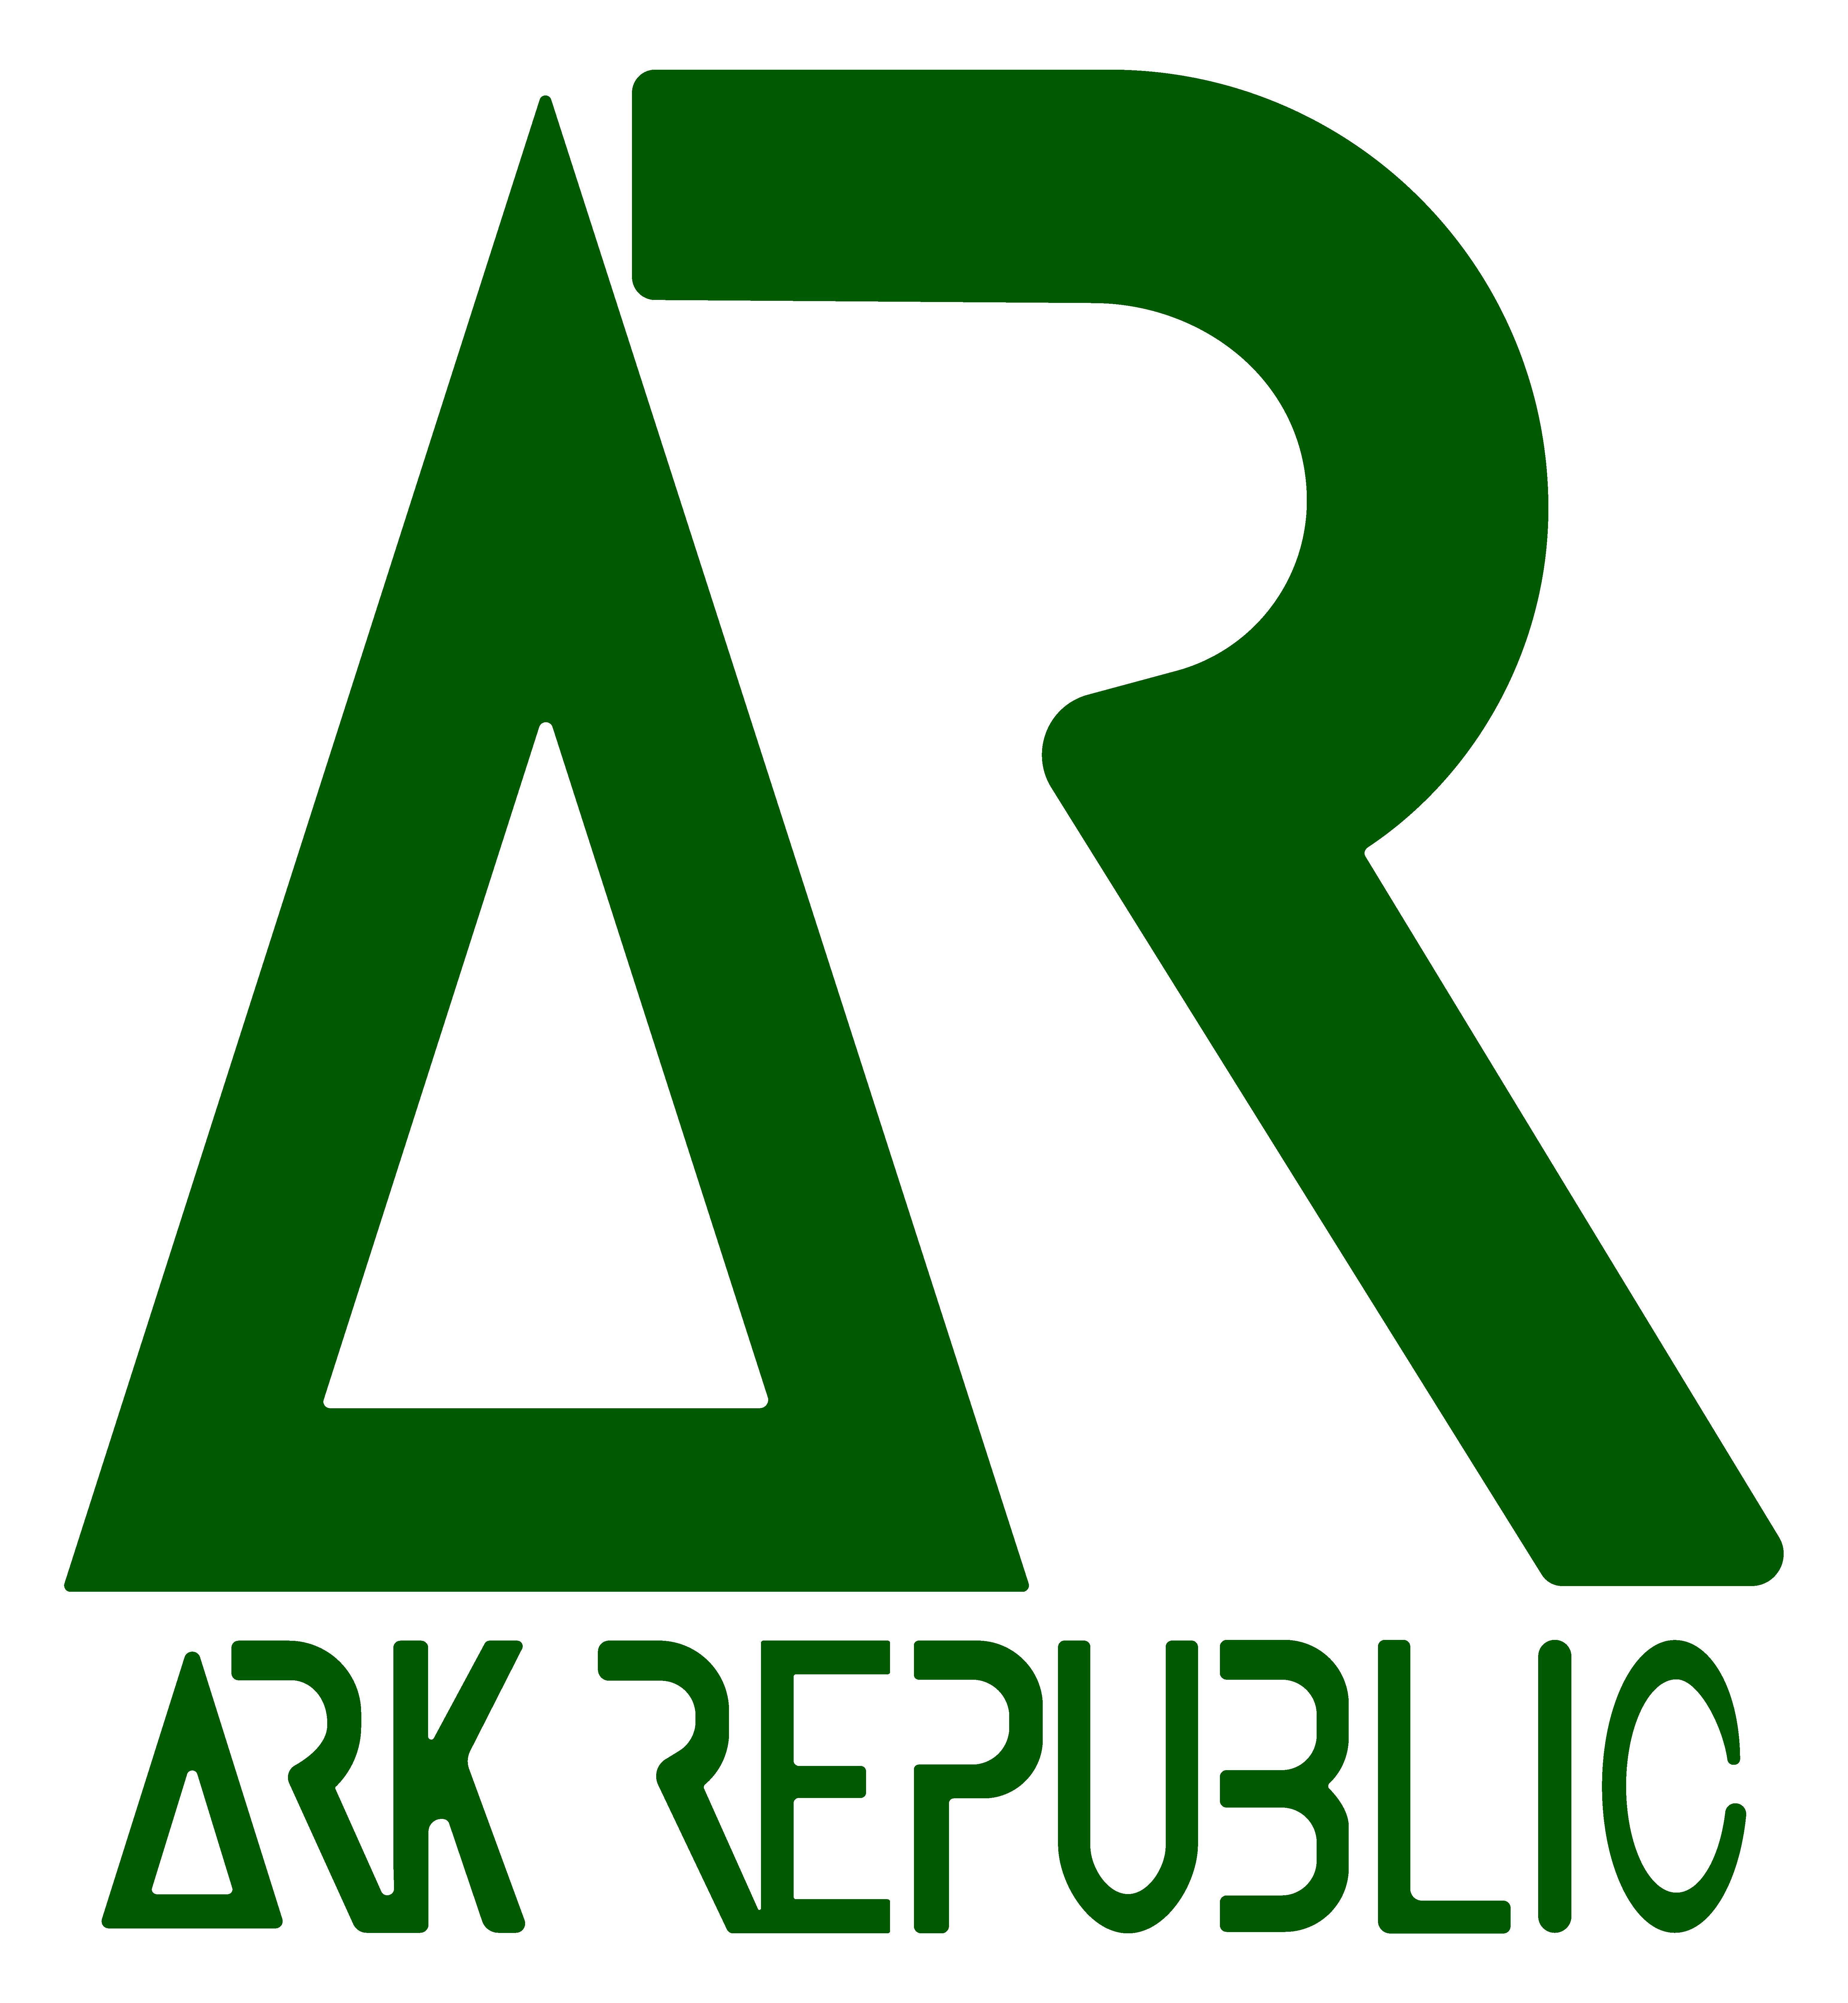 Logo Ark Republic logo green 2 VECTOR-01